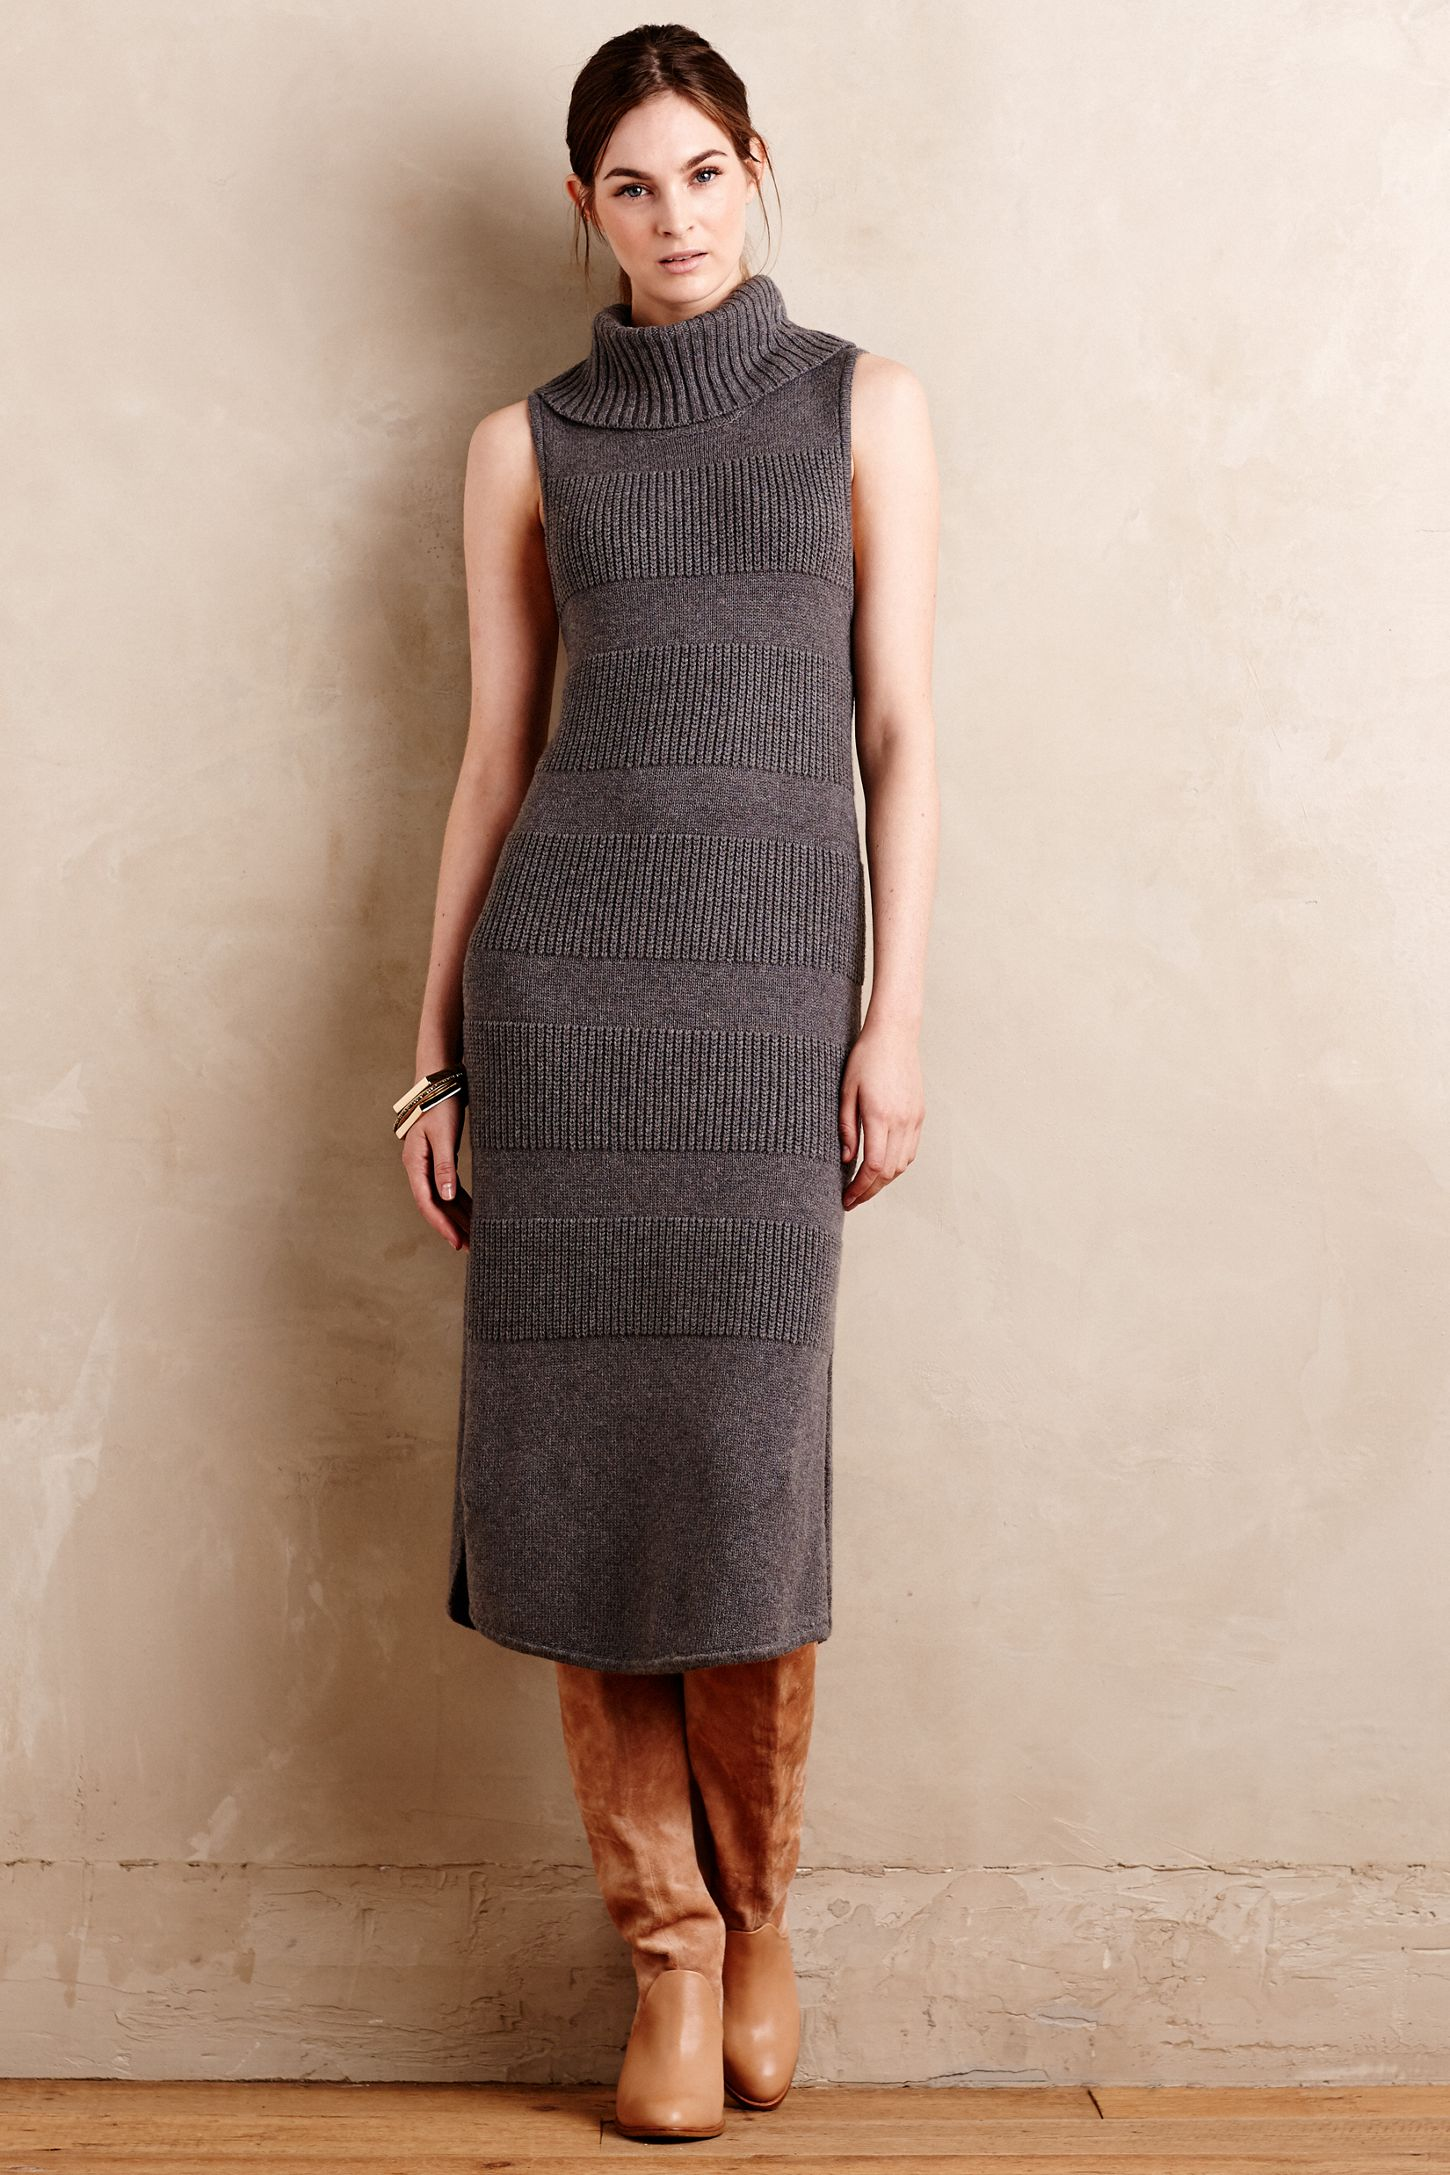 d5a416bbcf4 Turtleneck Sweater Dress